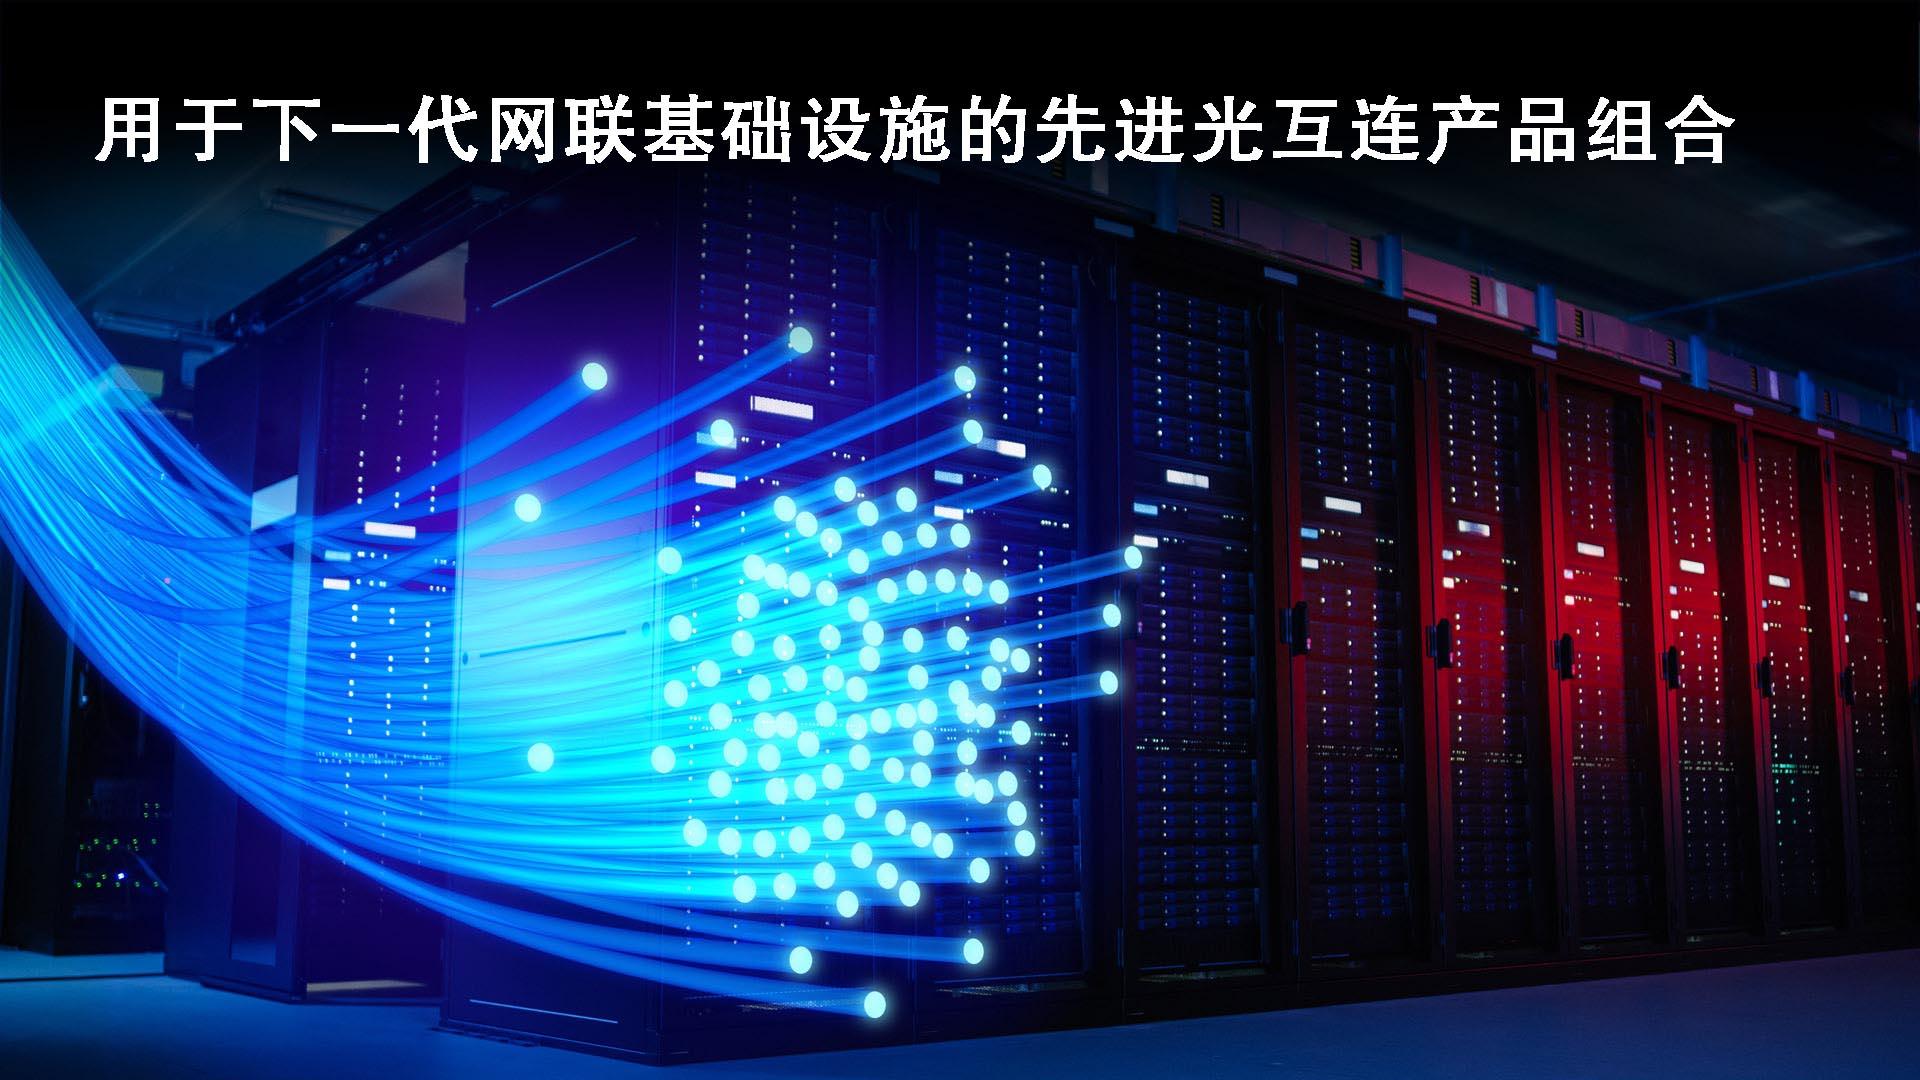 瑞萨电子推出业界首款CMOS工艺集成化CDR,扩展其光通信产品组合,适用于PAM4应用